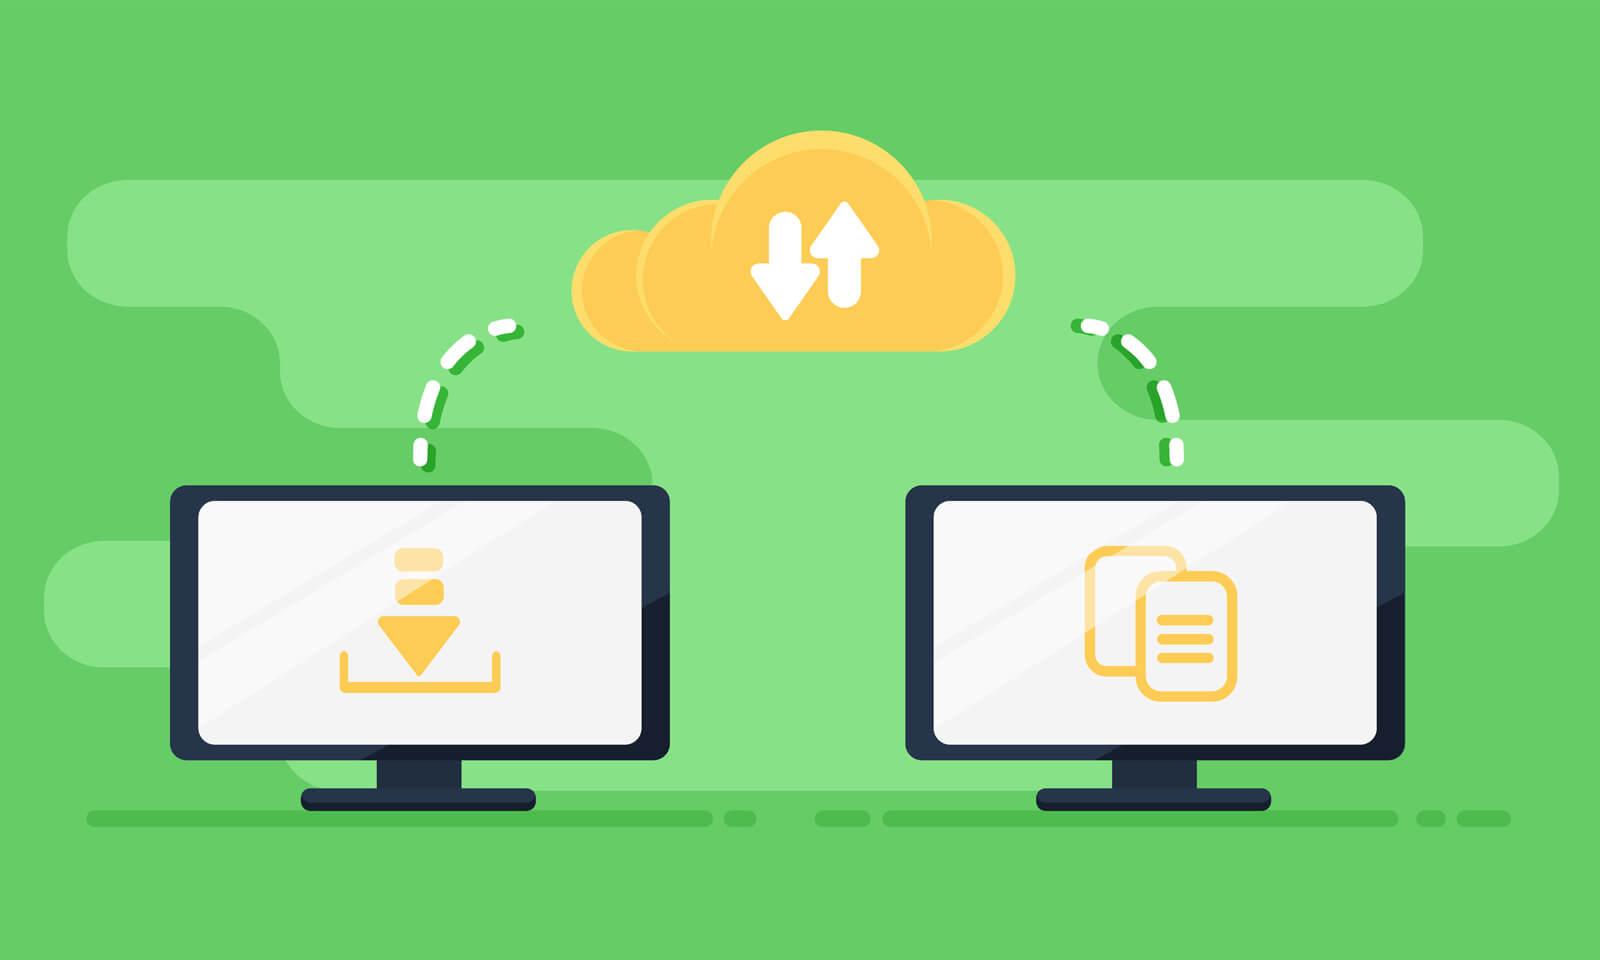 FTP là gì, tạo tài khoản ftp, hosting cpanel 3